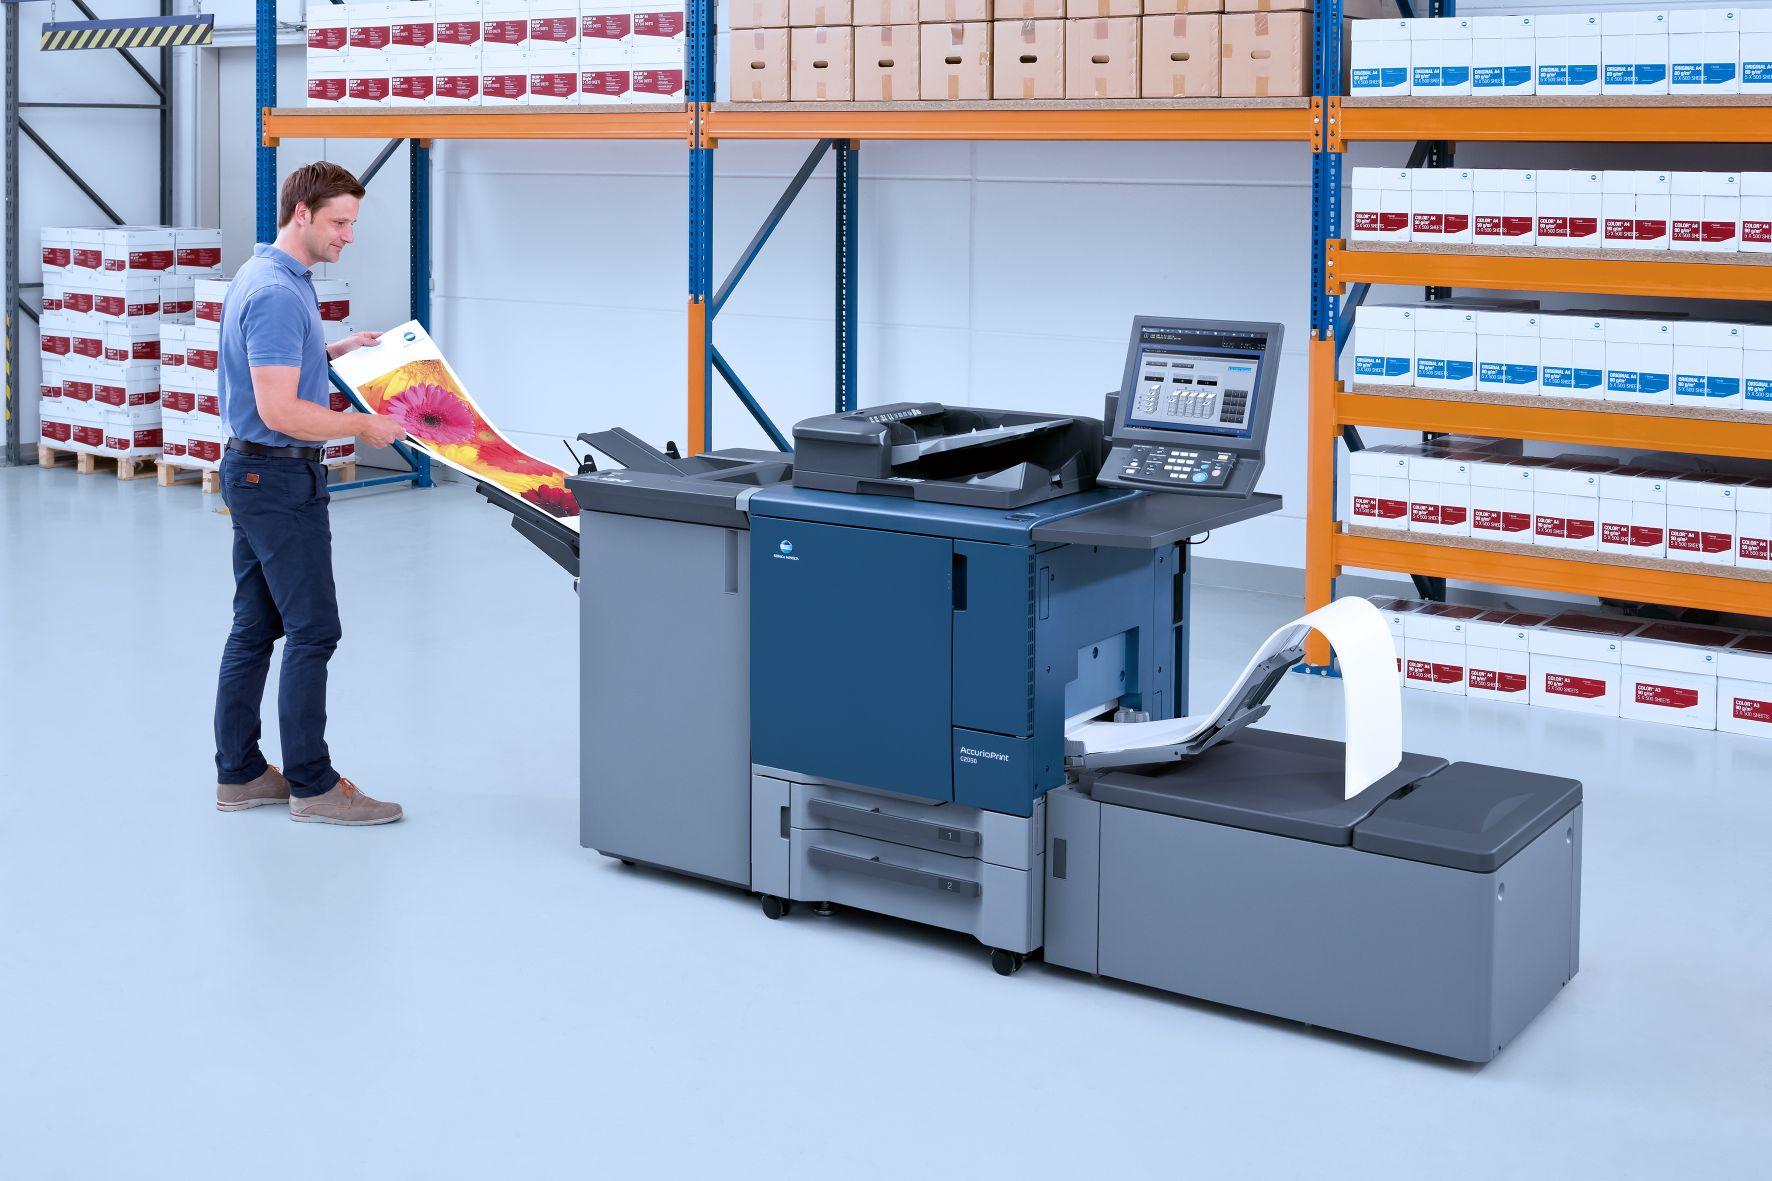 نوآوری دیگر در دنیای چاپ دیجیتال